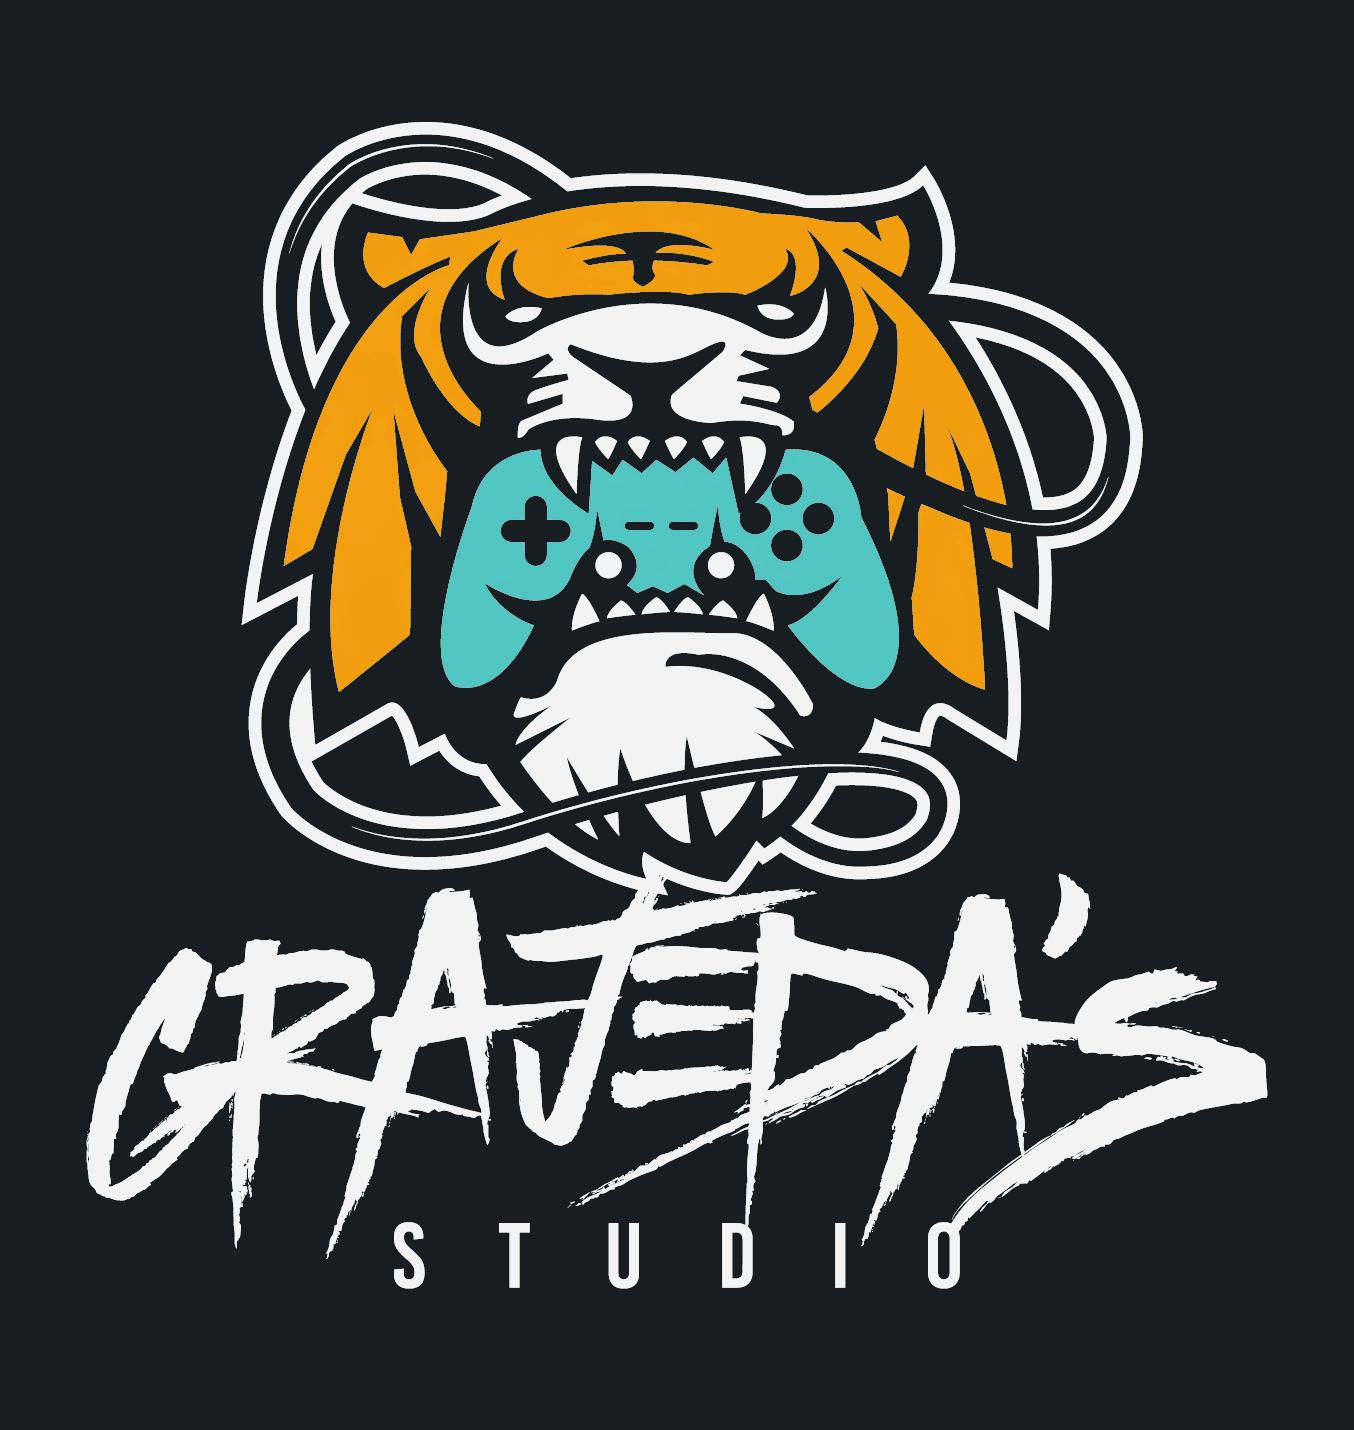 Grajeda's Studio